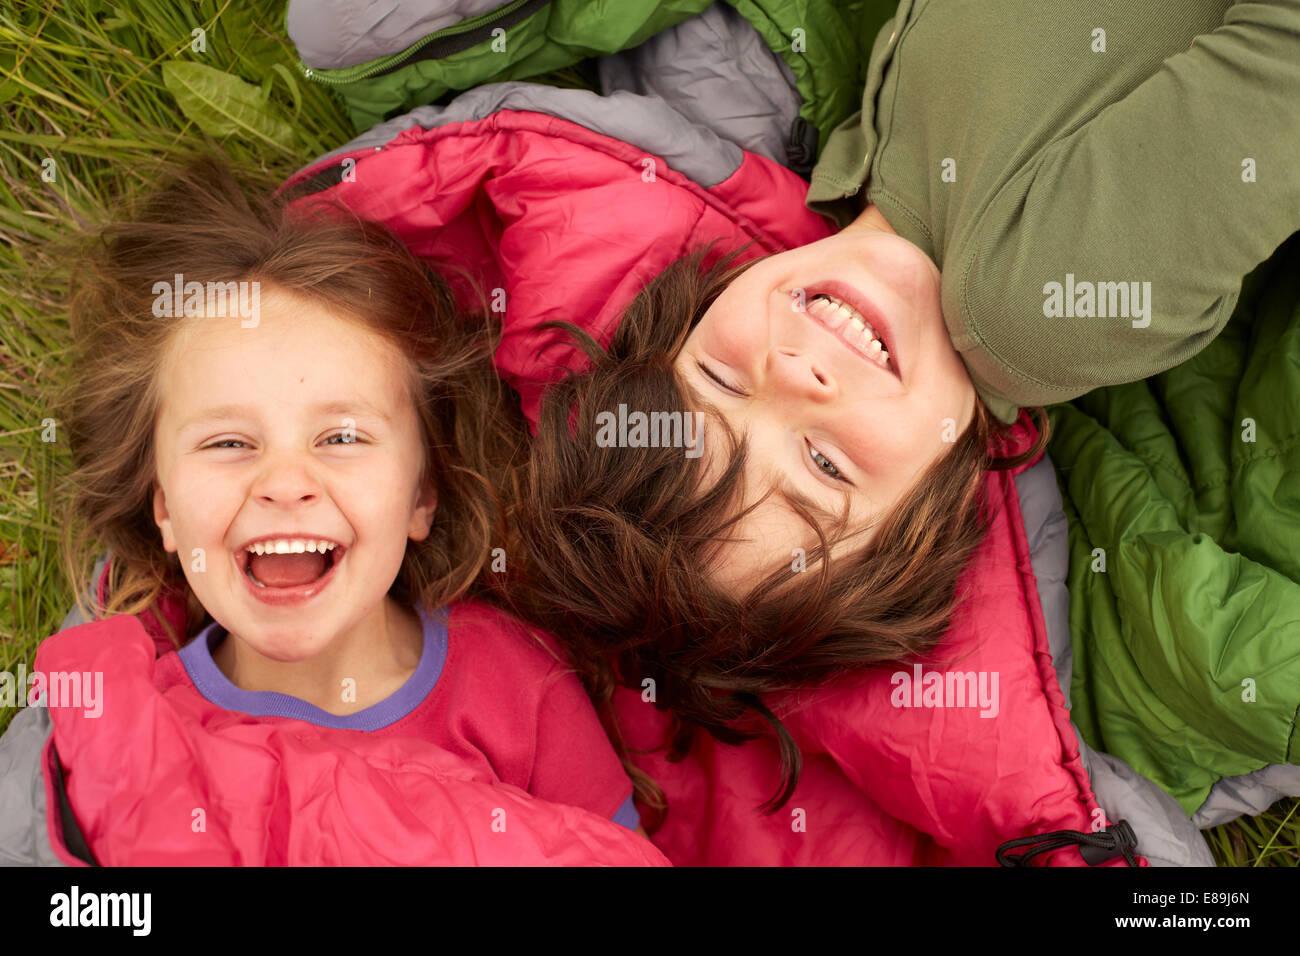 Rire les enfants portant sur les sacs de couchage Photo Stock